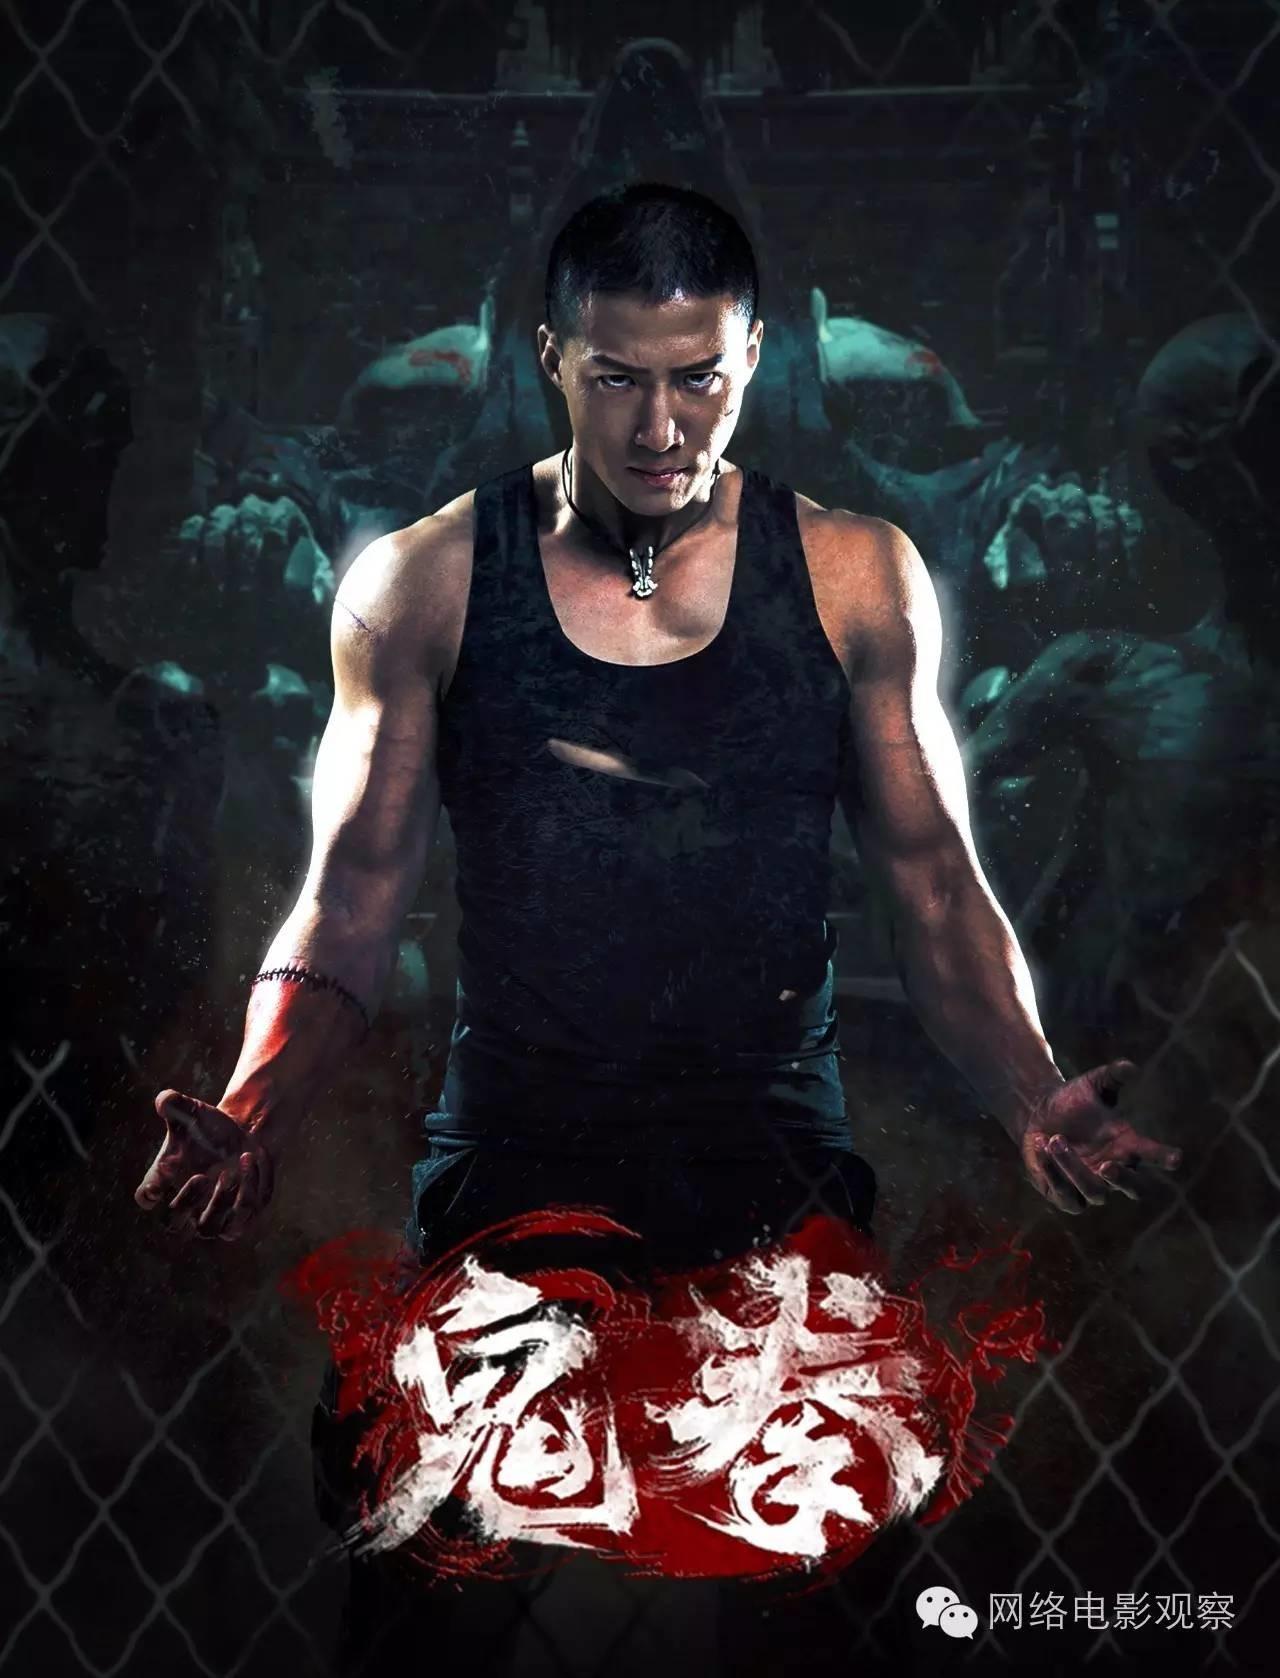 Трейлеры независимых фильмов: Black Scar Blues, Metal City Mayhem и Gui Quan 5